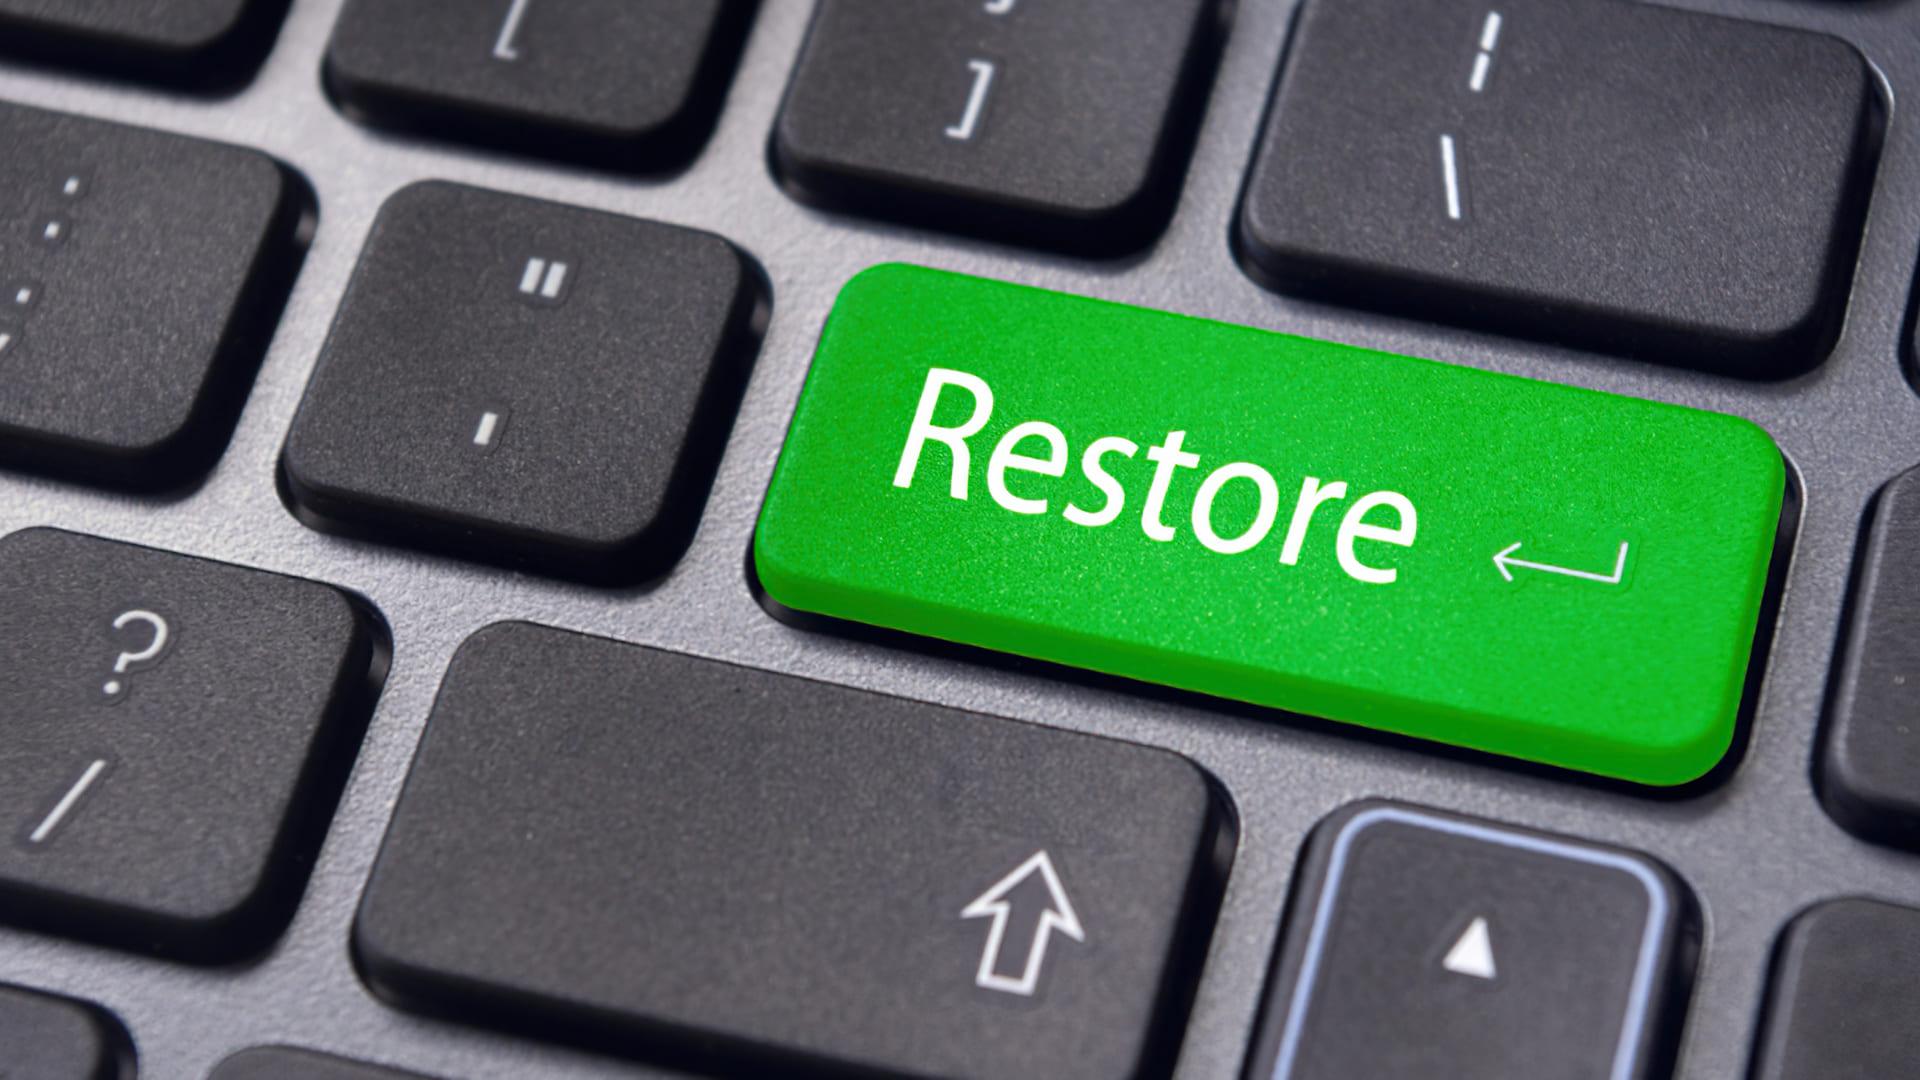 كيف يمكنك تفعيل نقطة خاصية استعادة النظام في نظام التشغيل Windows 10